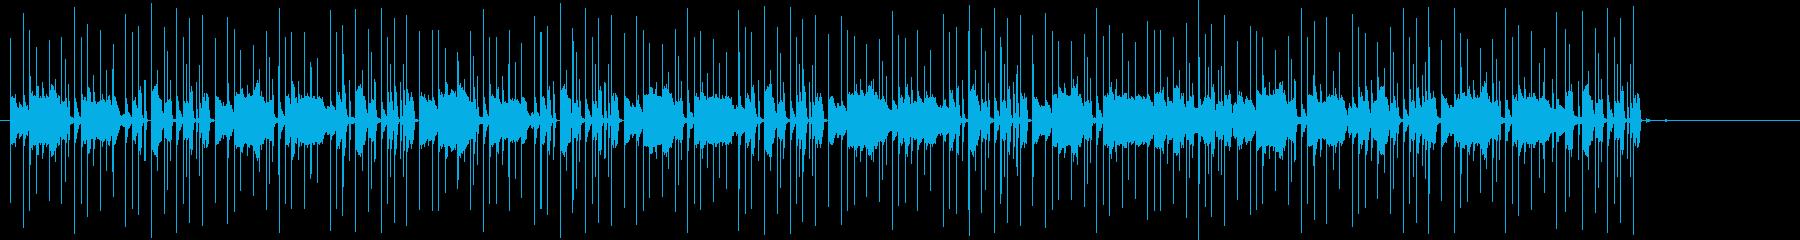 音が動きだすような不安定テクノの再生済みの波形